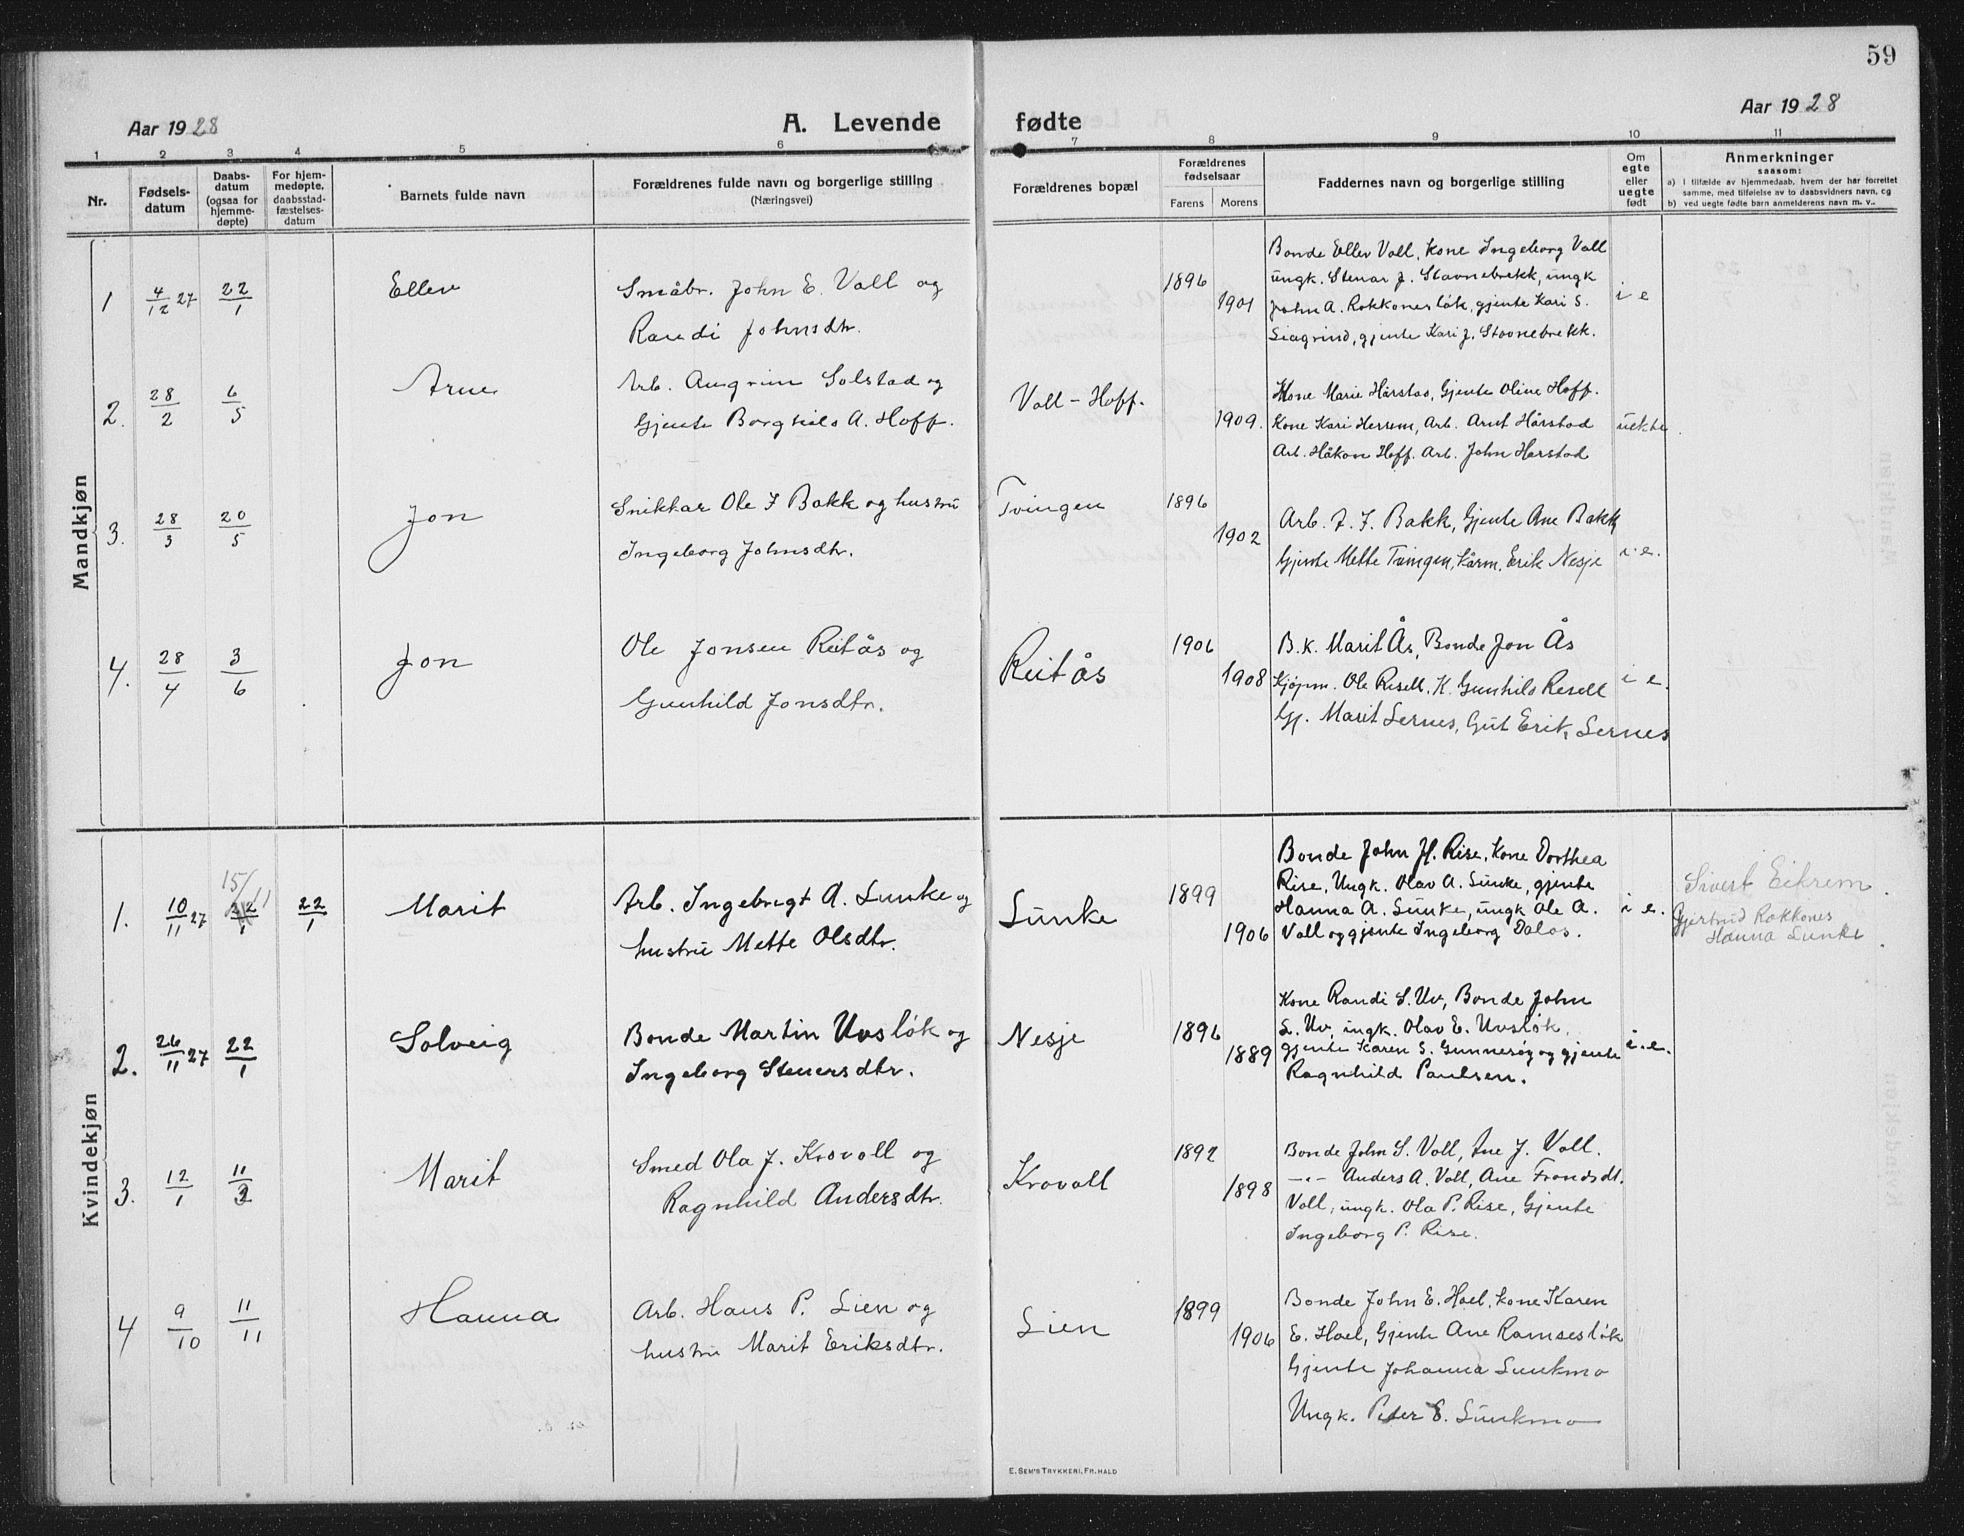 SAT, Ministerialprotokoller, klokkerbøker og fødselsregistre - Sør-Trøndelag, 674/L0877: Klokkerbok nr. 674C04, 1913-1940, s. 59